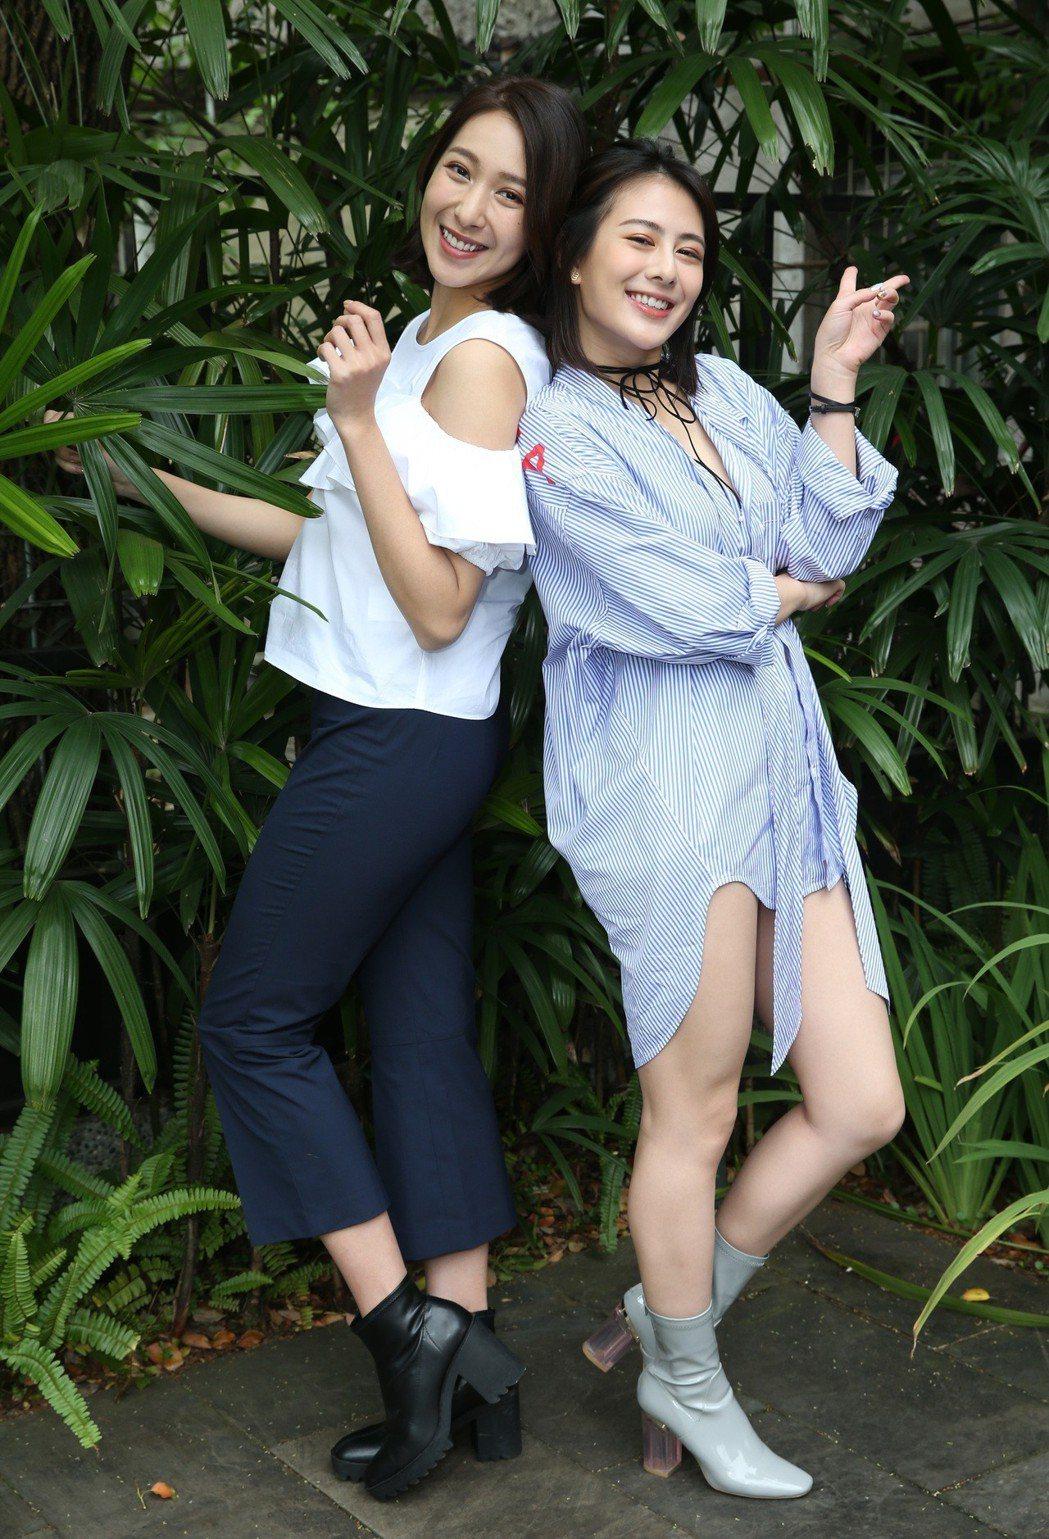 「翻牆的記憶」楊晴(左)、姚亦晴(右)專訪。記者林俊良/攝影